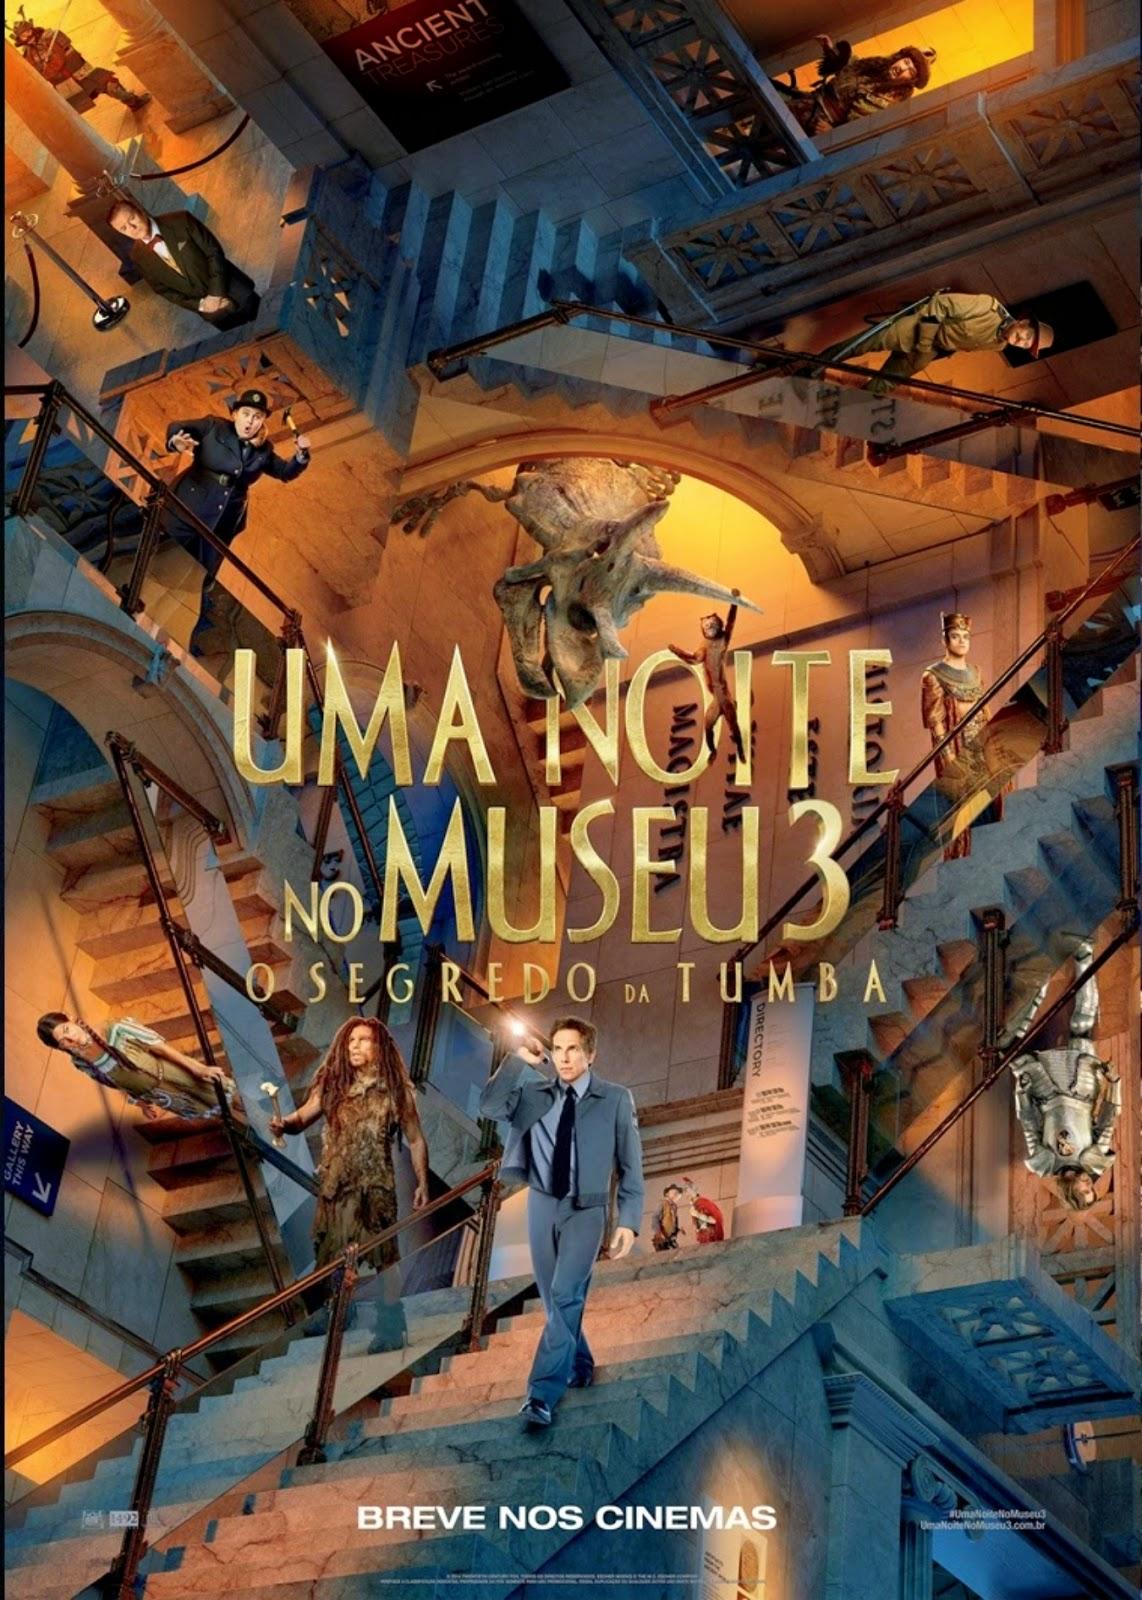 para-assistir-uma-noite-no-museu-3